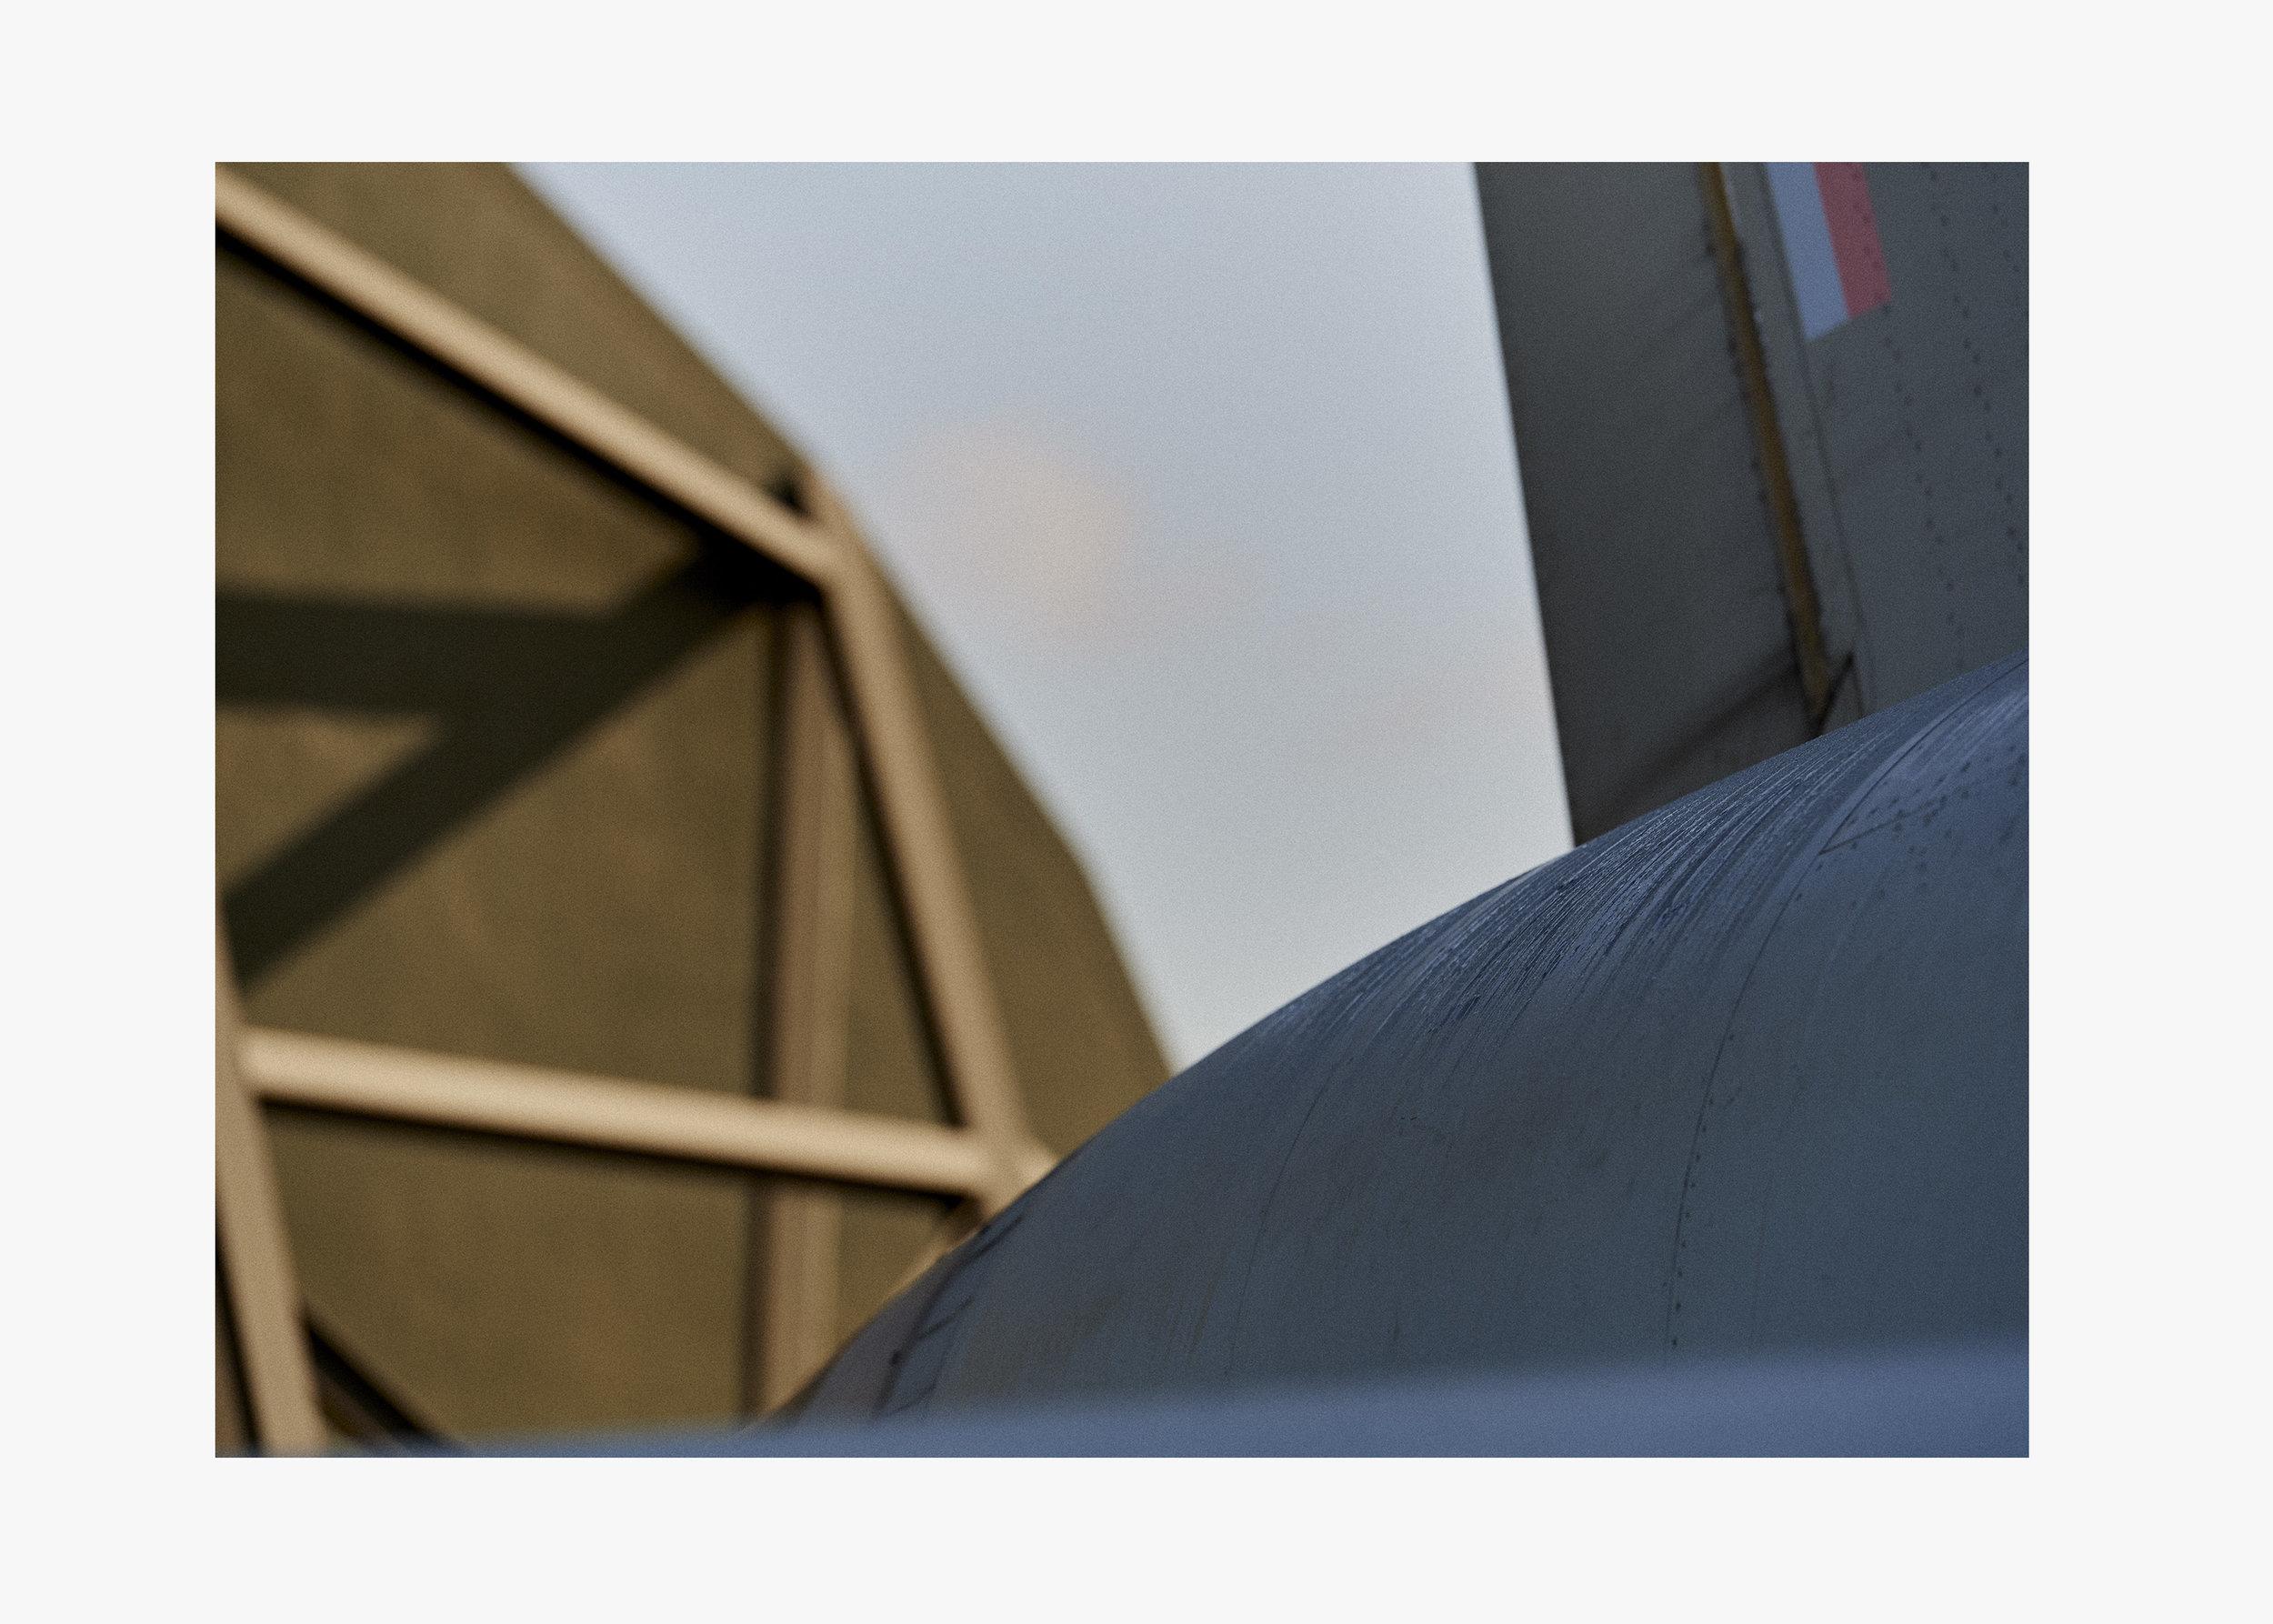 RAF_CONINGSBY__100NC_D5_026.jpg